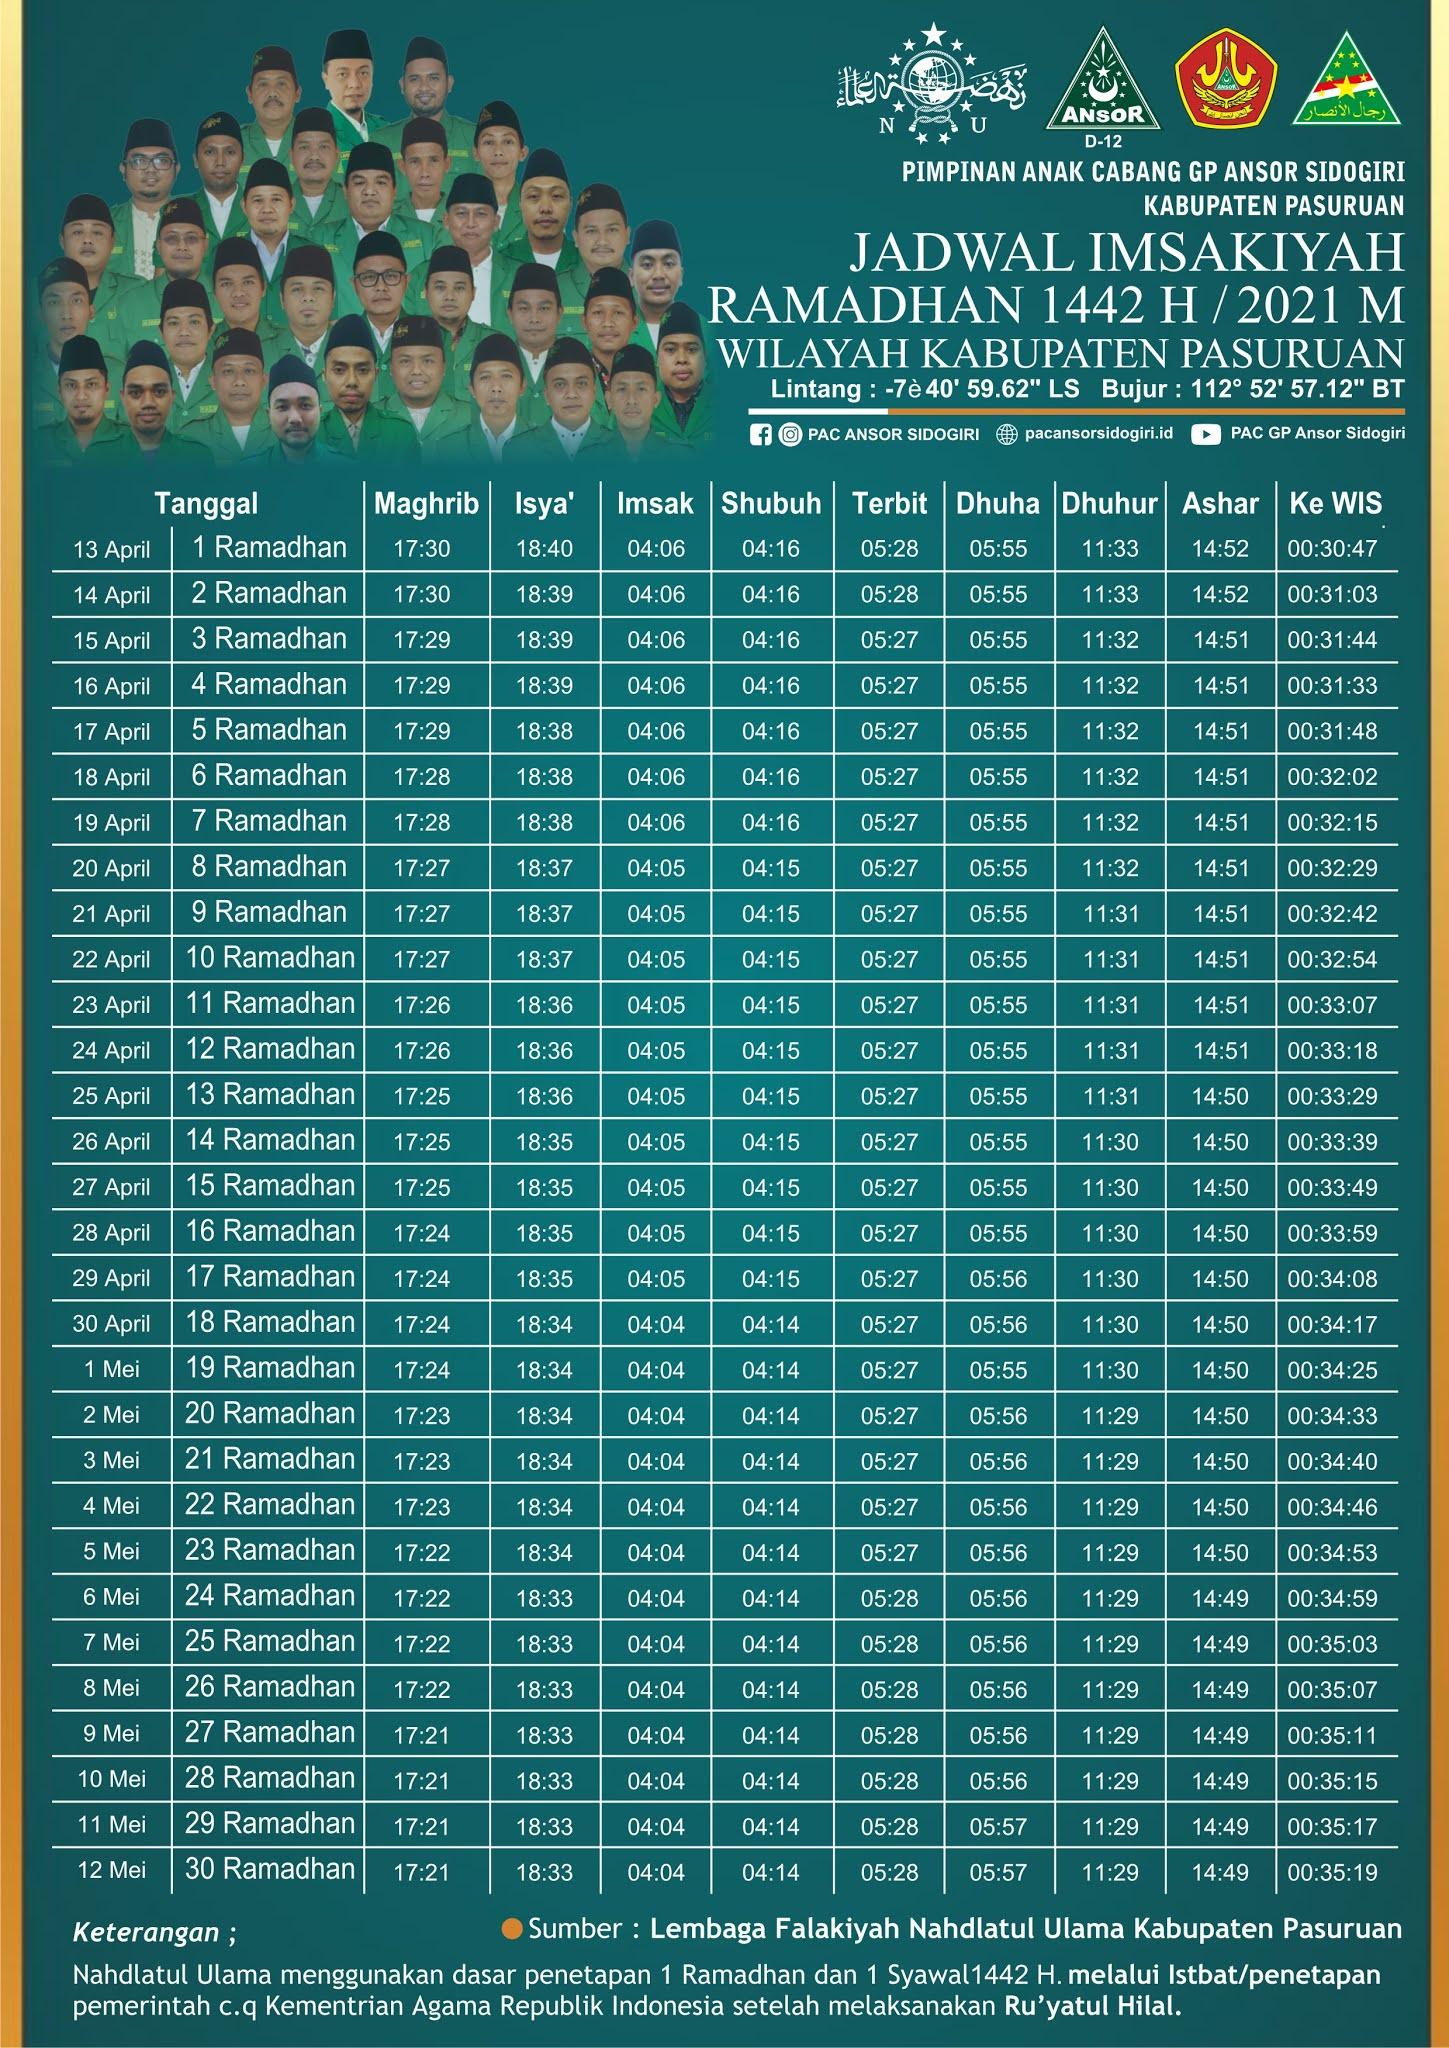 Jadwal Imsakiyah Ramadhan 1442 H 2021 M